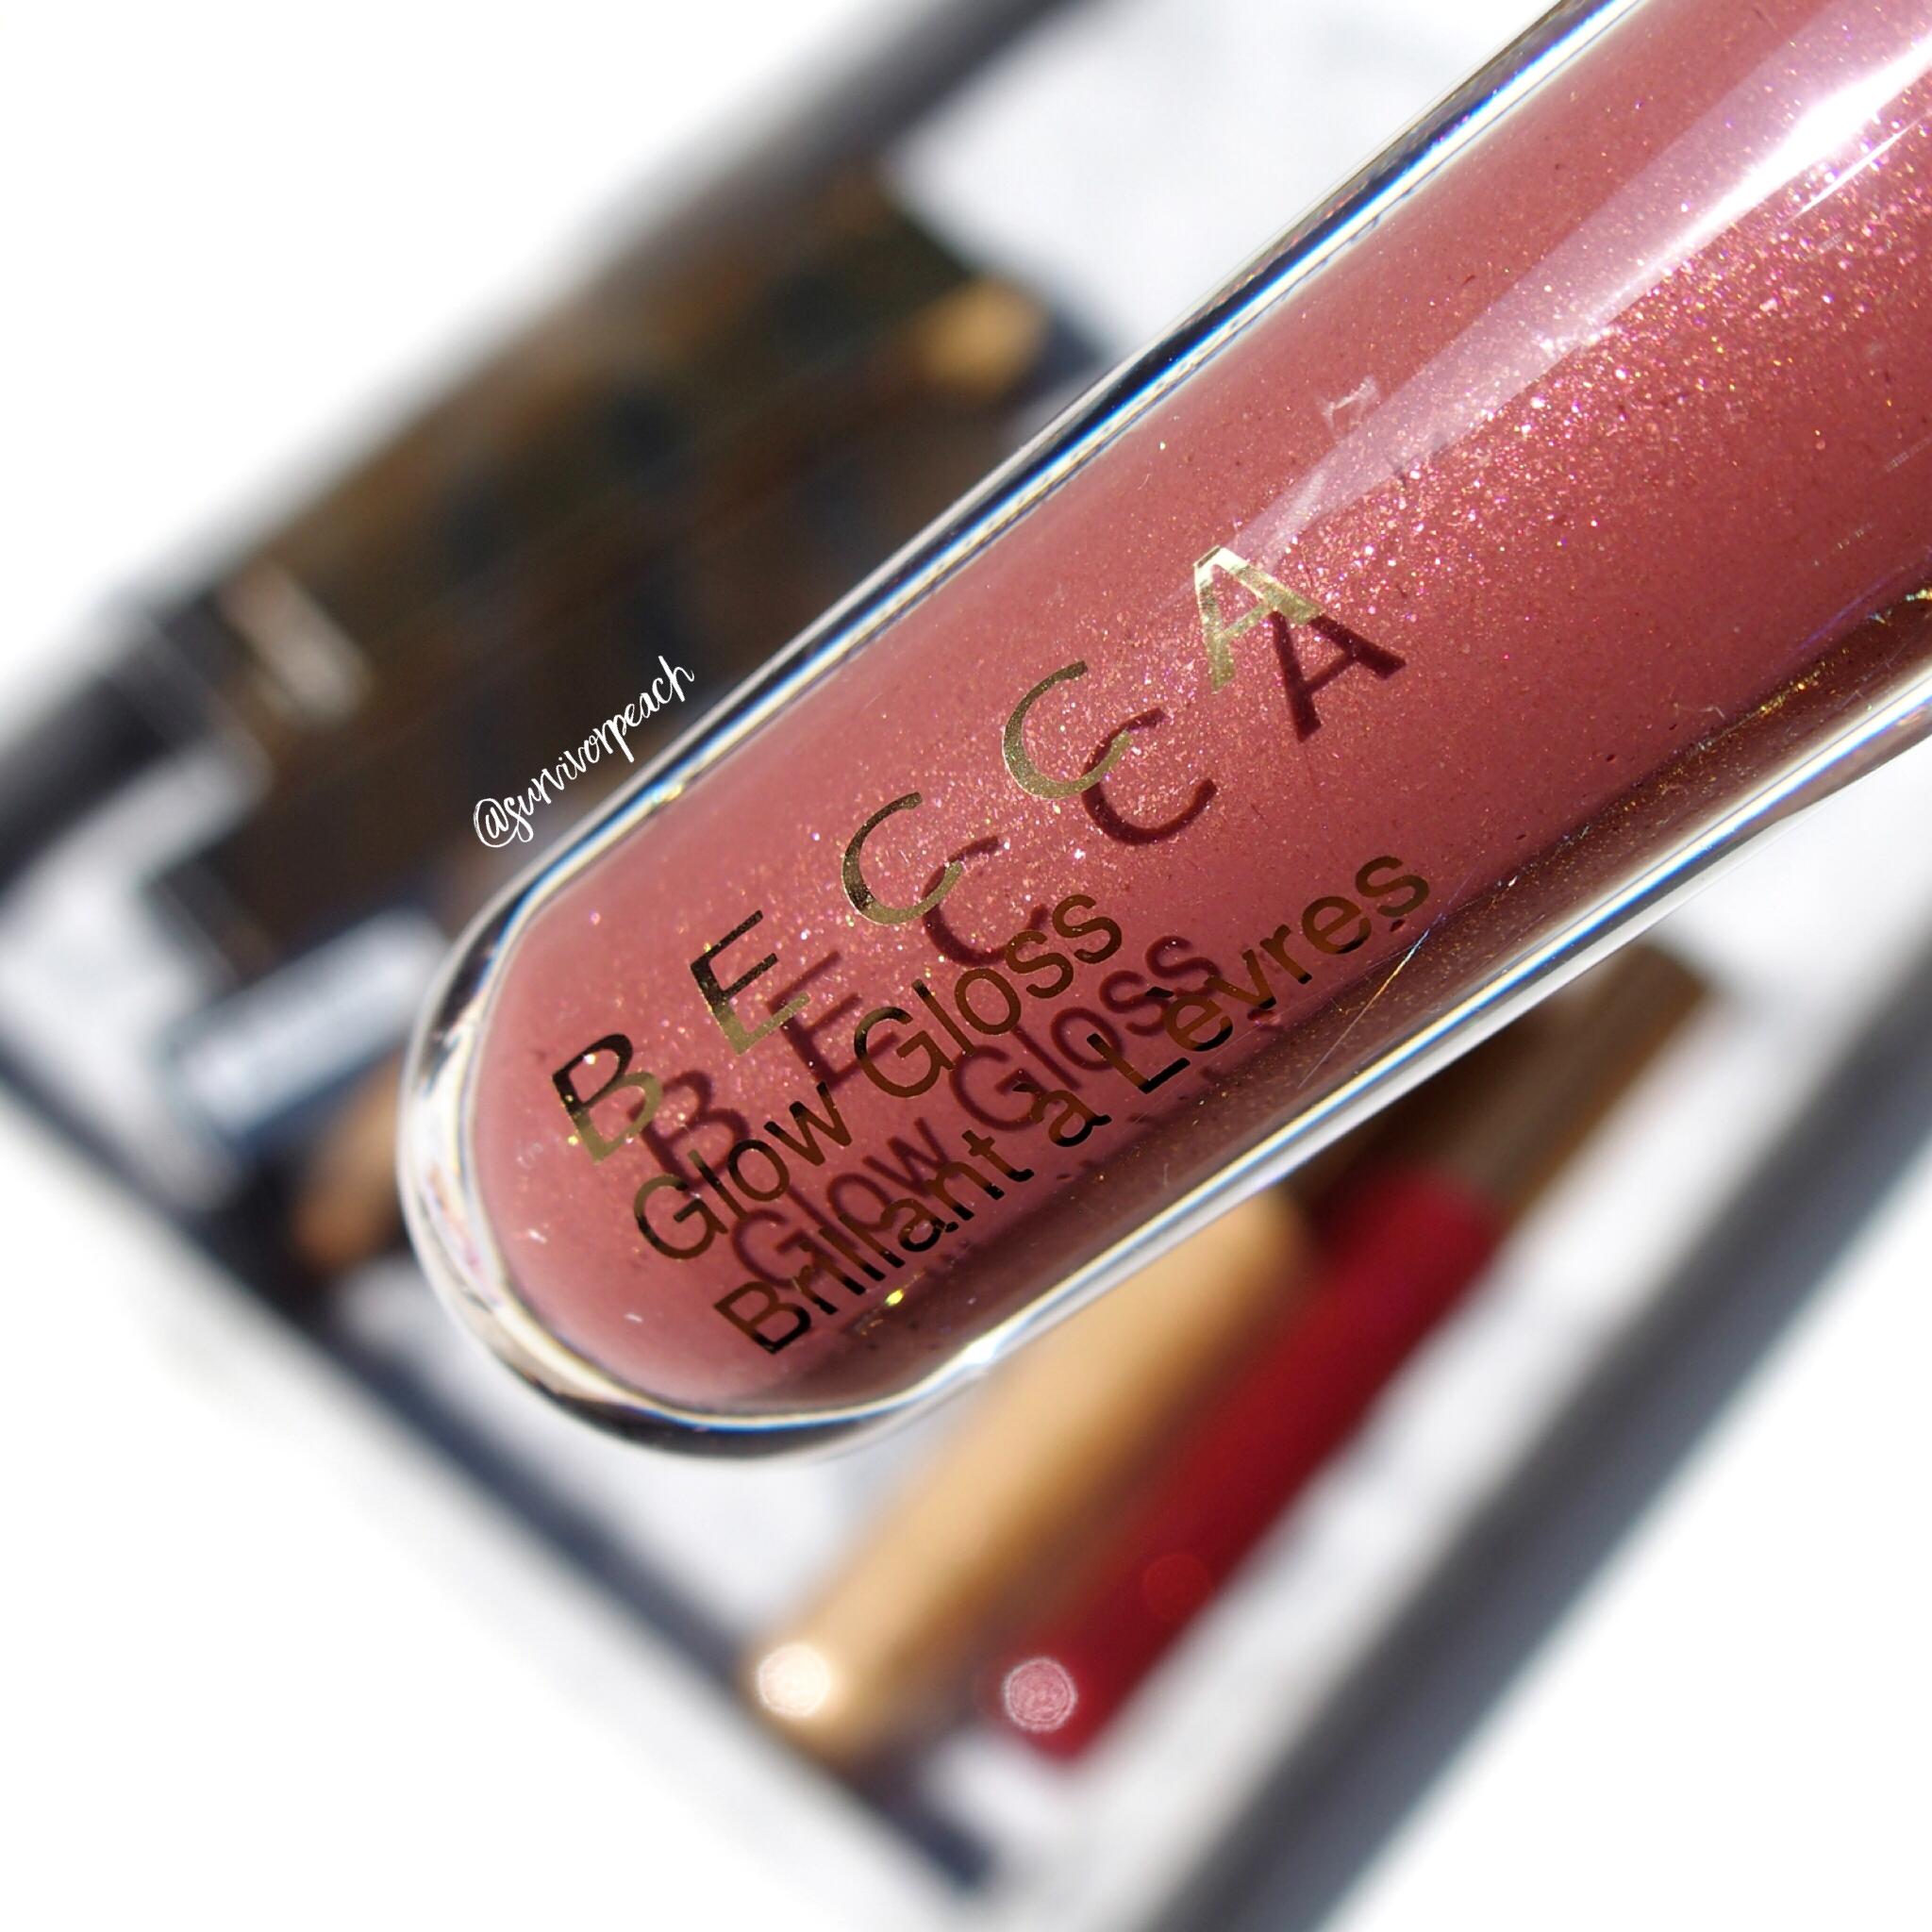 Becca Volcanic Goddess Glow Gloss Molten Mauve